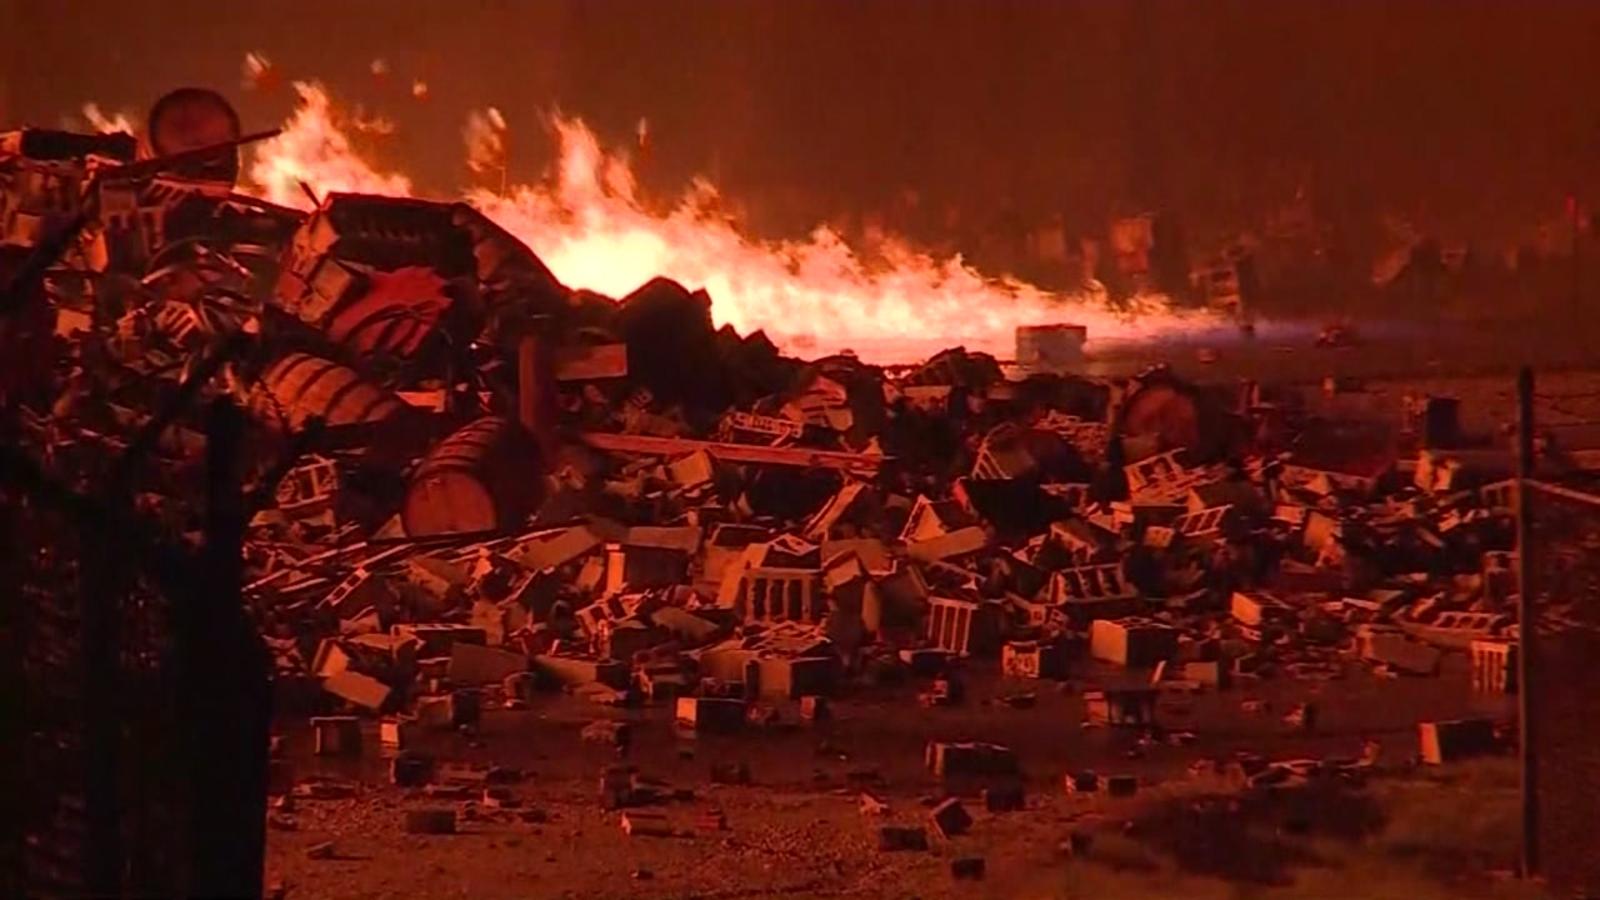 Fire burns Kentucky Jim Beam warehouse with about 45,000 barrels of bourbon inside